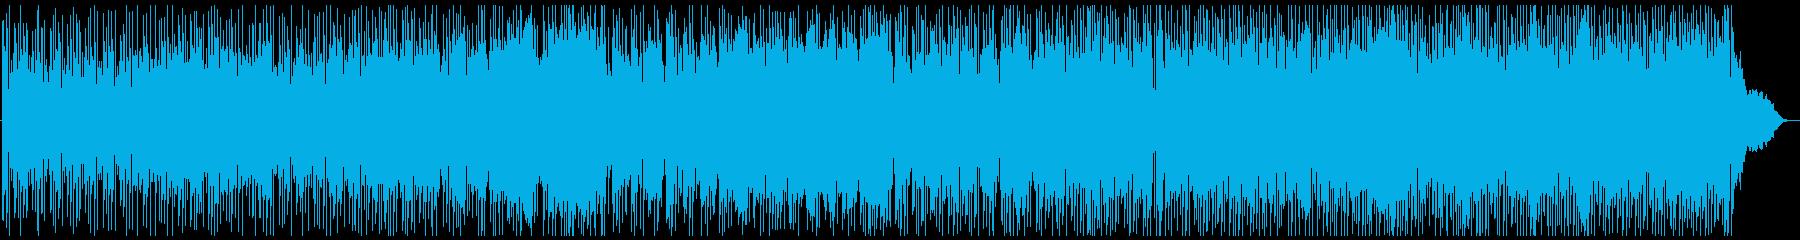 和風フュージョン(熊本民謡のアレンジ)の再生済みの波形